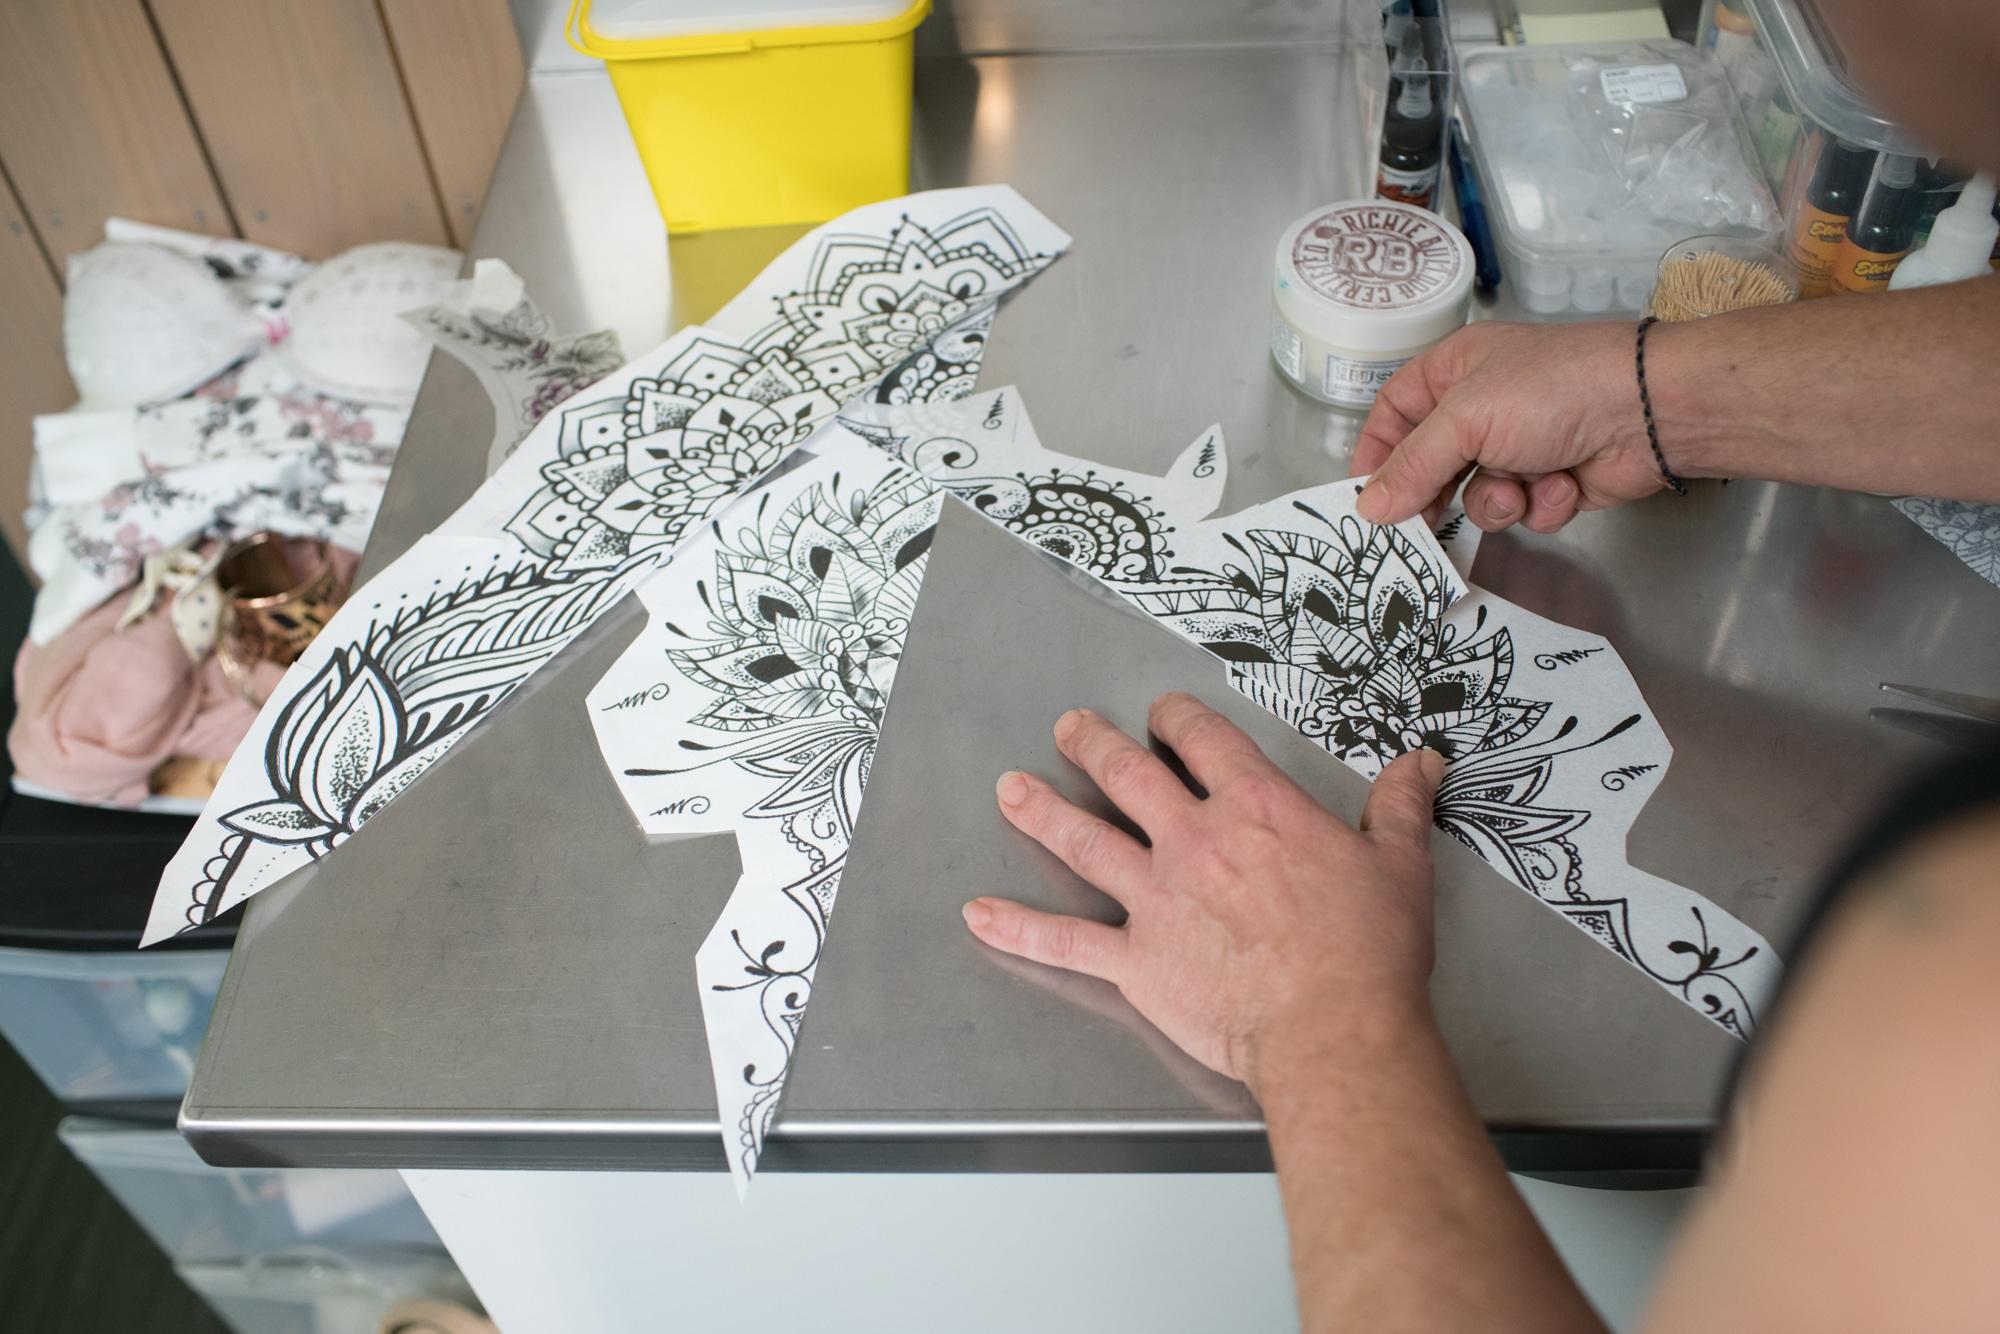 Les mains de Damien positionnent les dessins préparatoires du tatouage